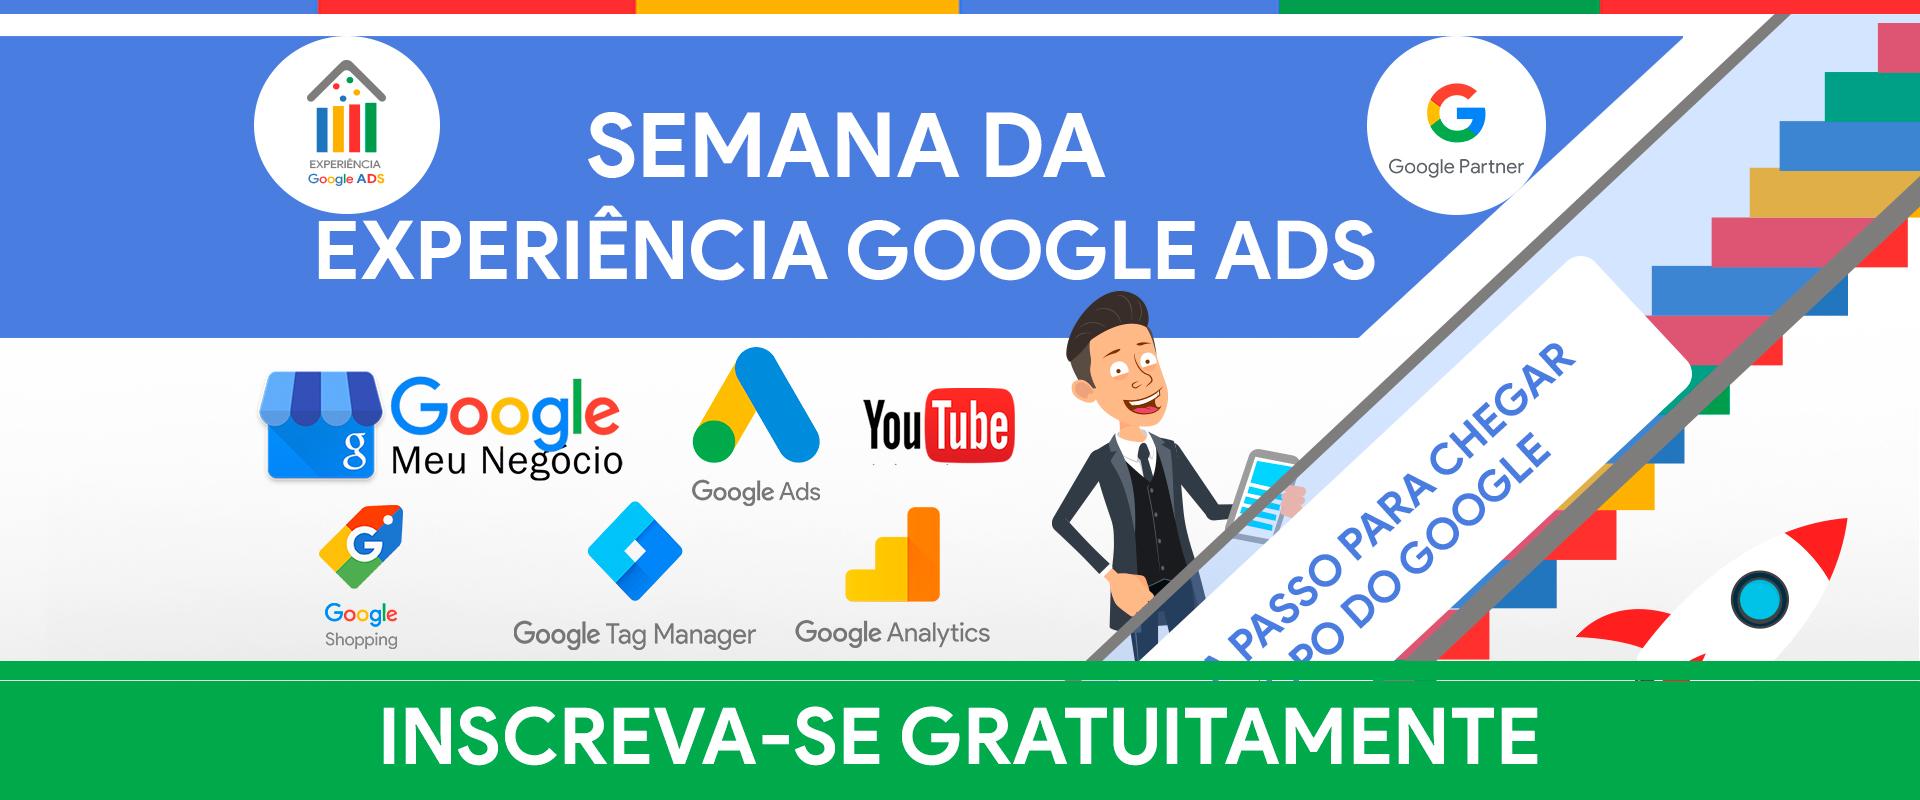 Semana da Experiência Google ADS